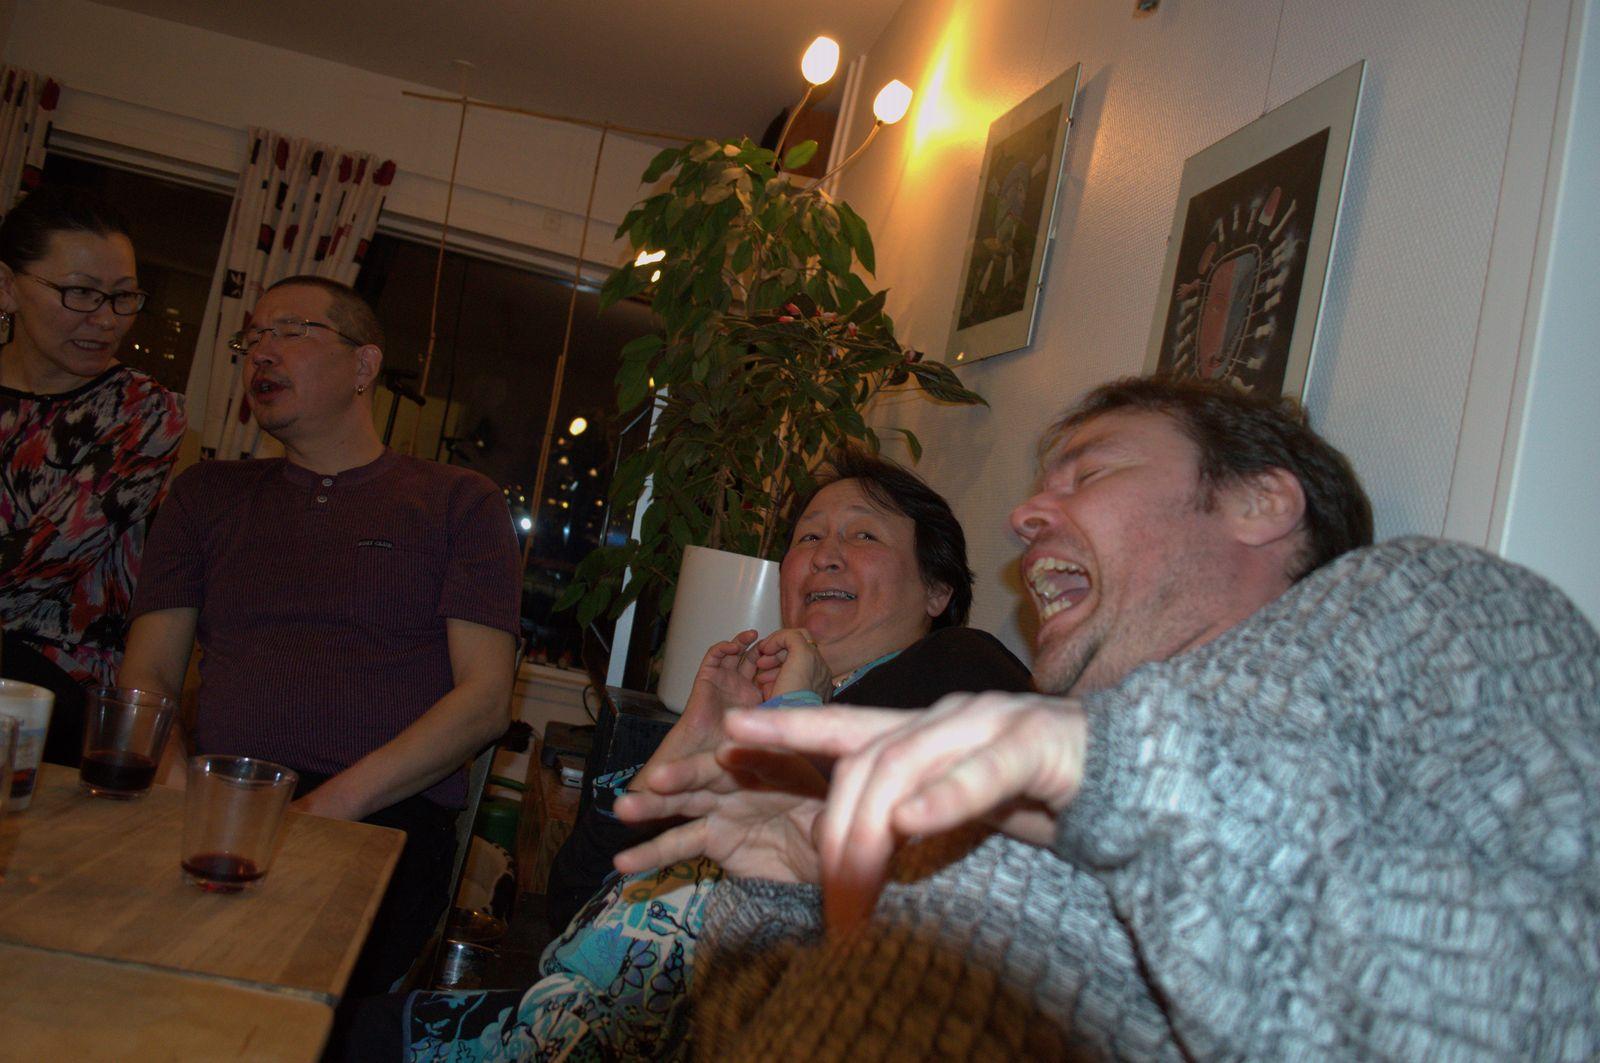 2014-04-05-2217_-_Gode_1_Maren-Mikkelsen-Lennert_Morten-Peter-Skipper-Jensen_Nuka-Klausen-Telling_Palle-Hjort-San